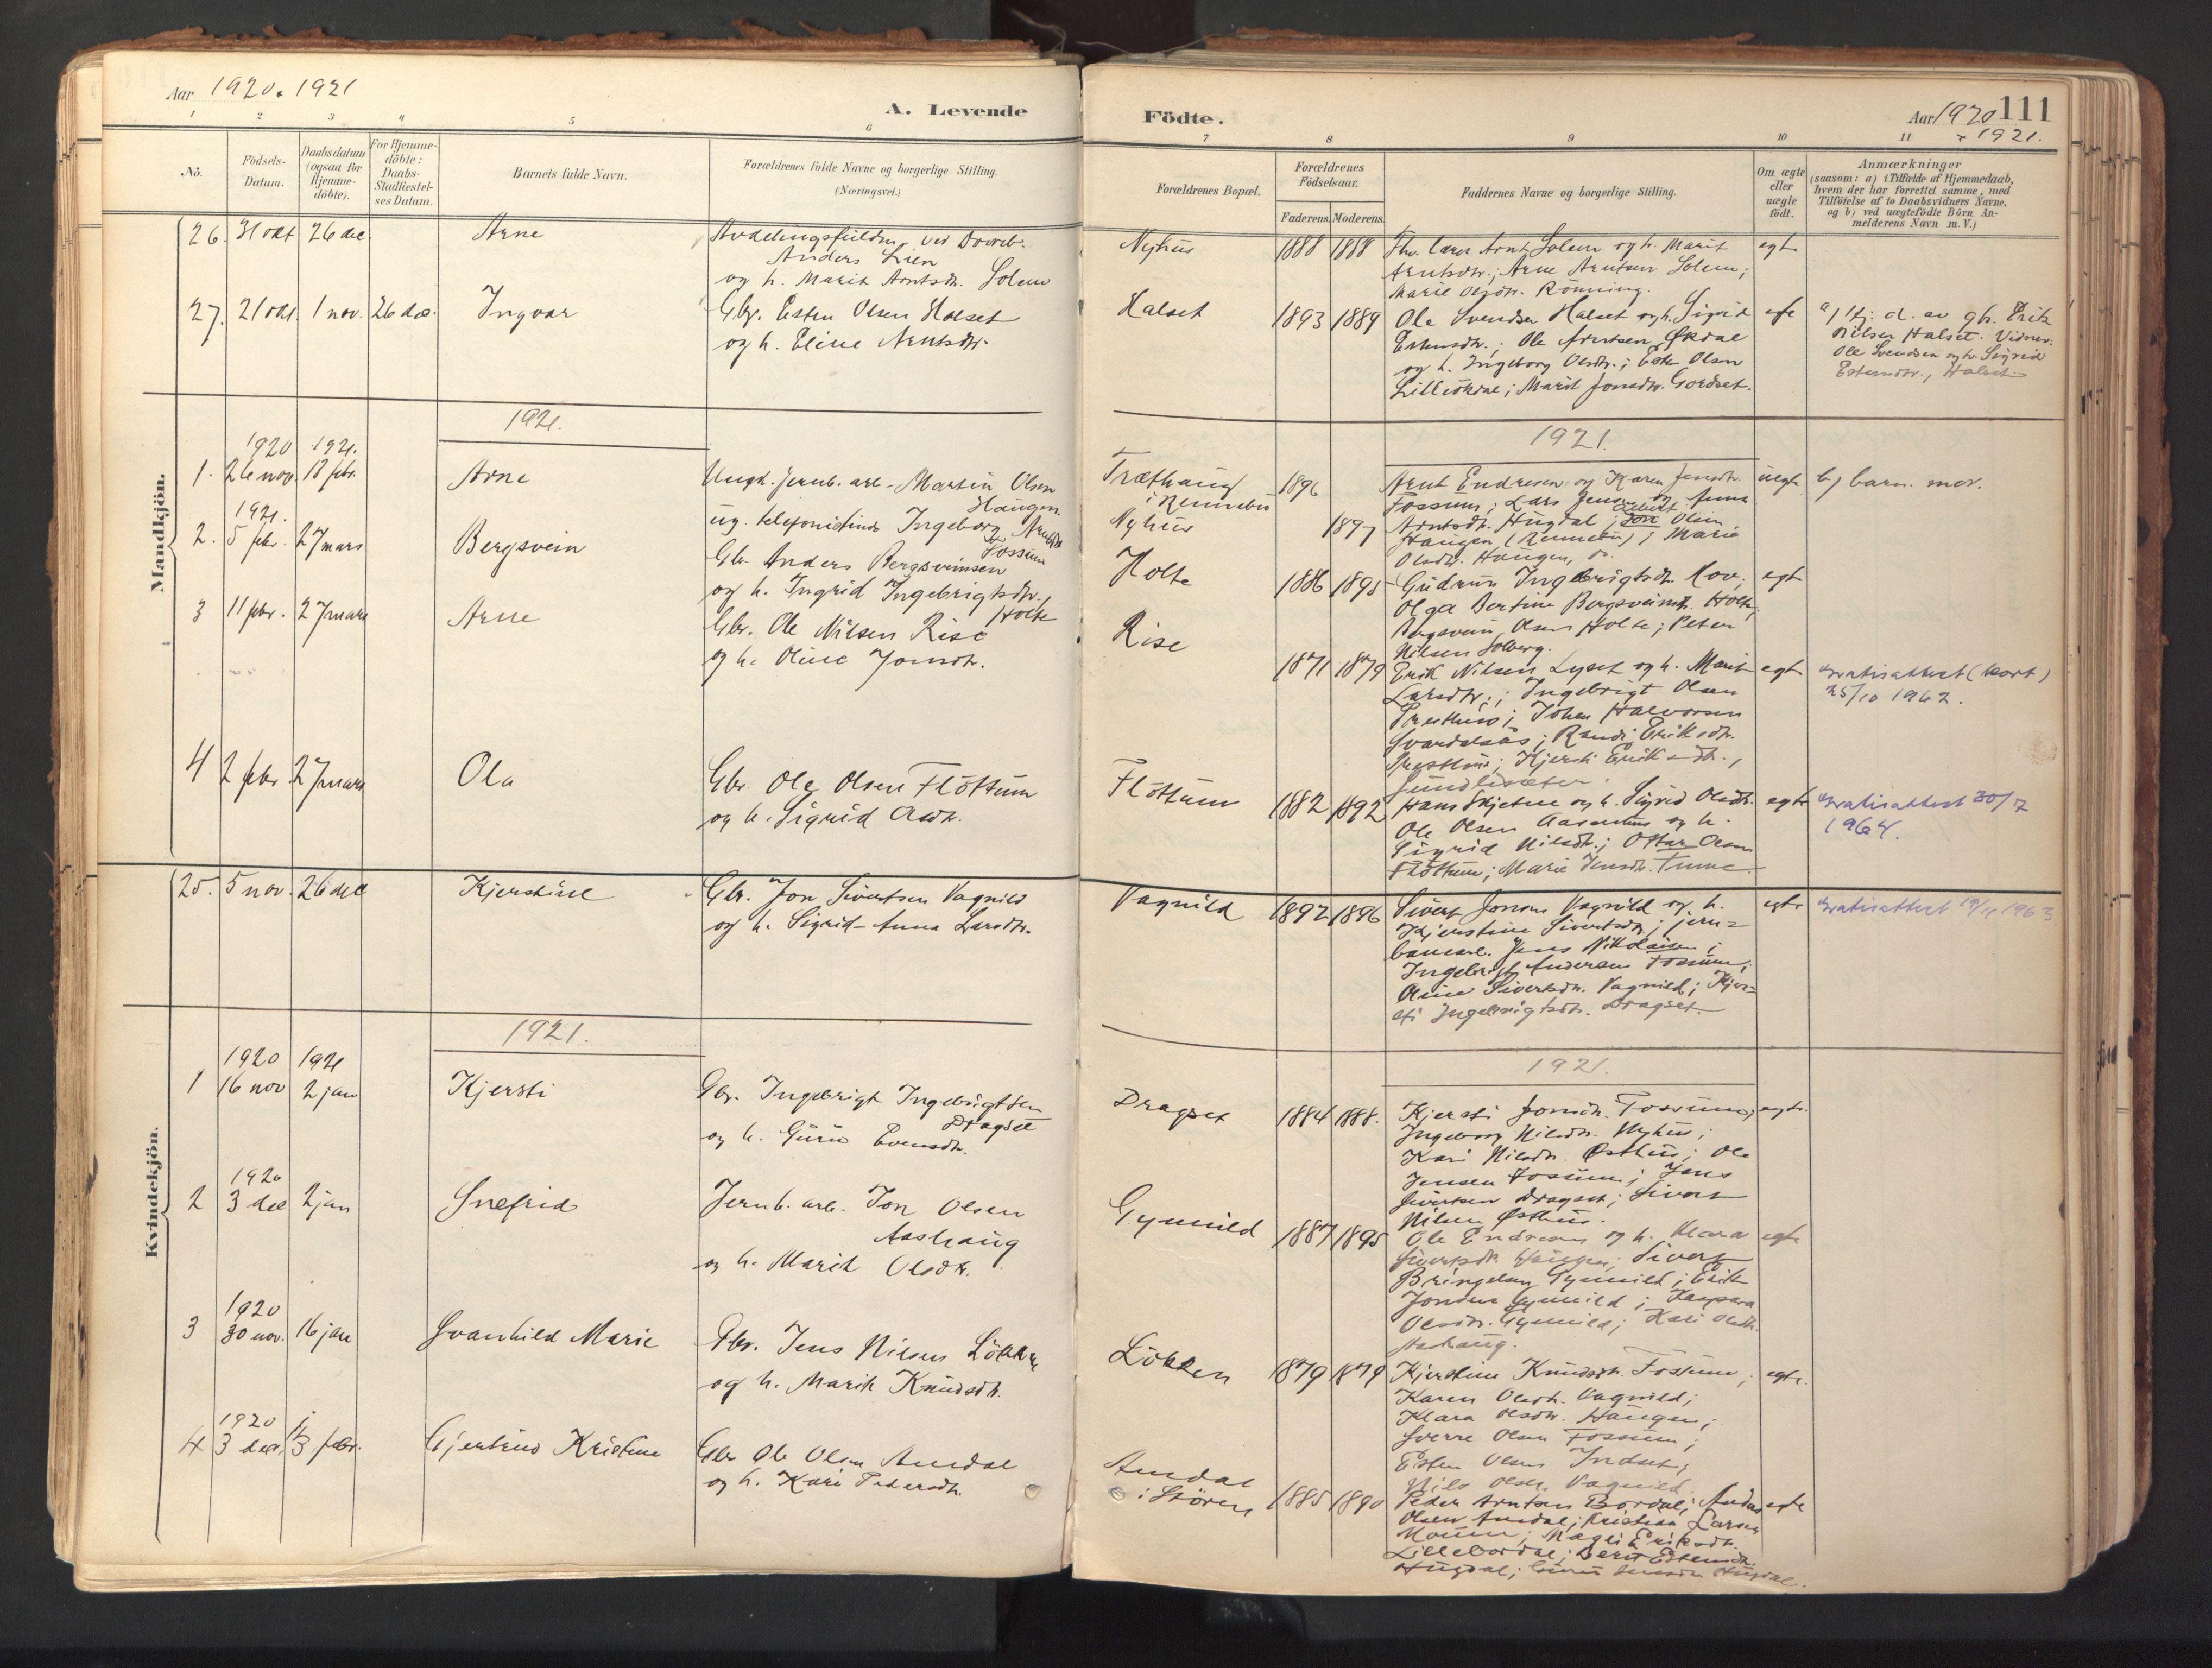 SAT, Ministerialprotokoller, klokkerbøker og fødselsregistre - Sør-Trøndelag, 689/L1041: Ministerialbok nr. 689A06, 1891-1923, s. 111